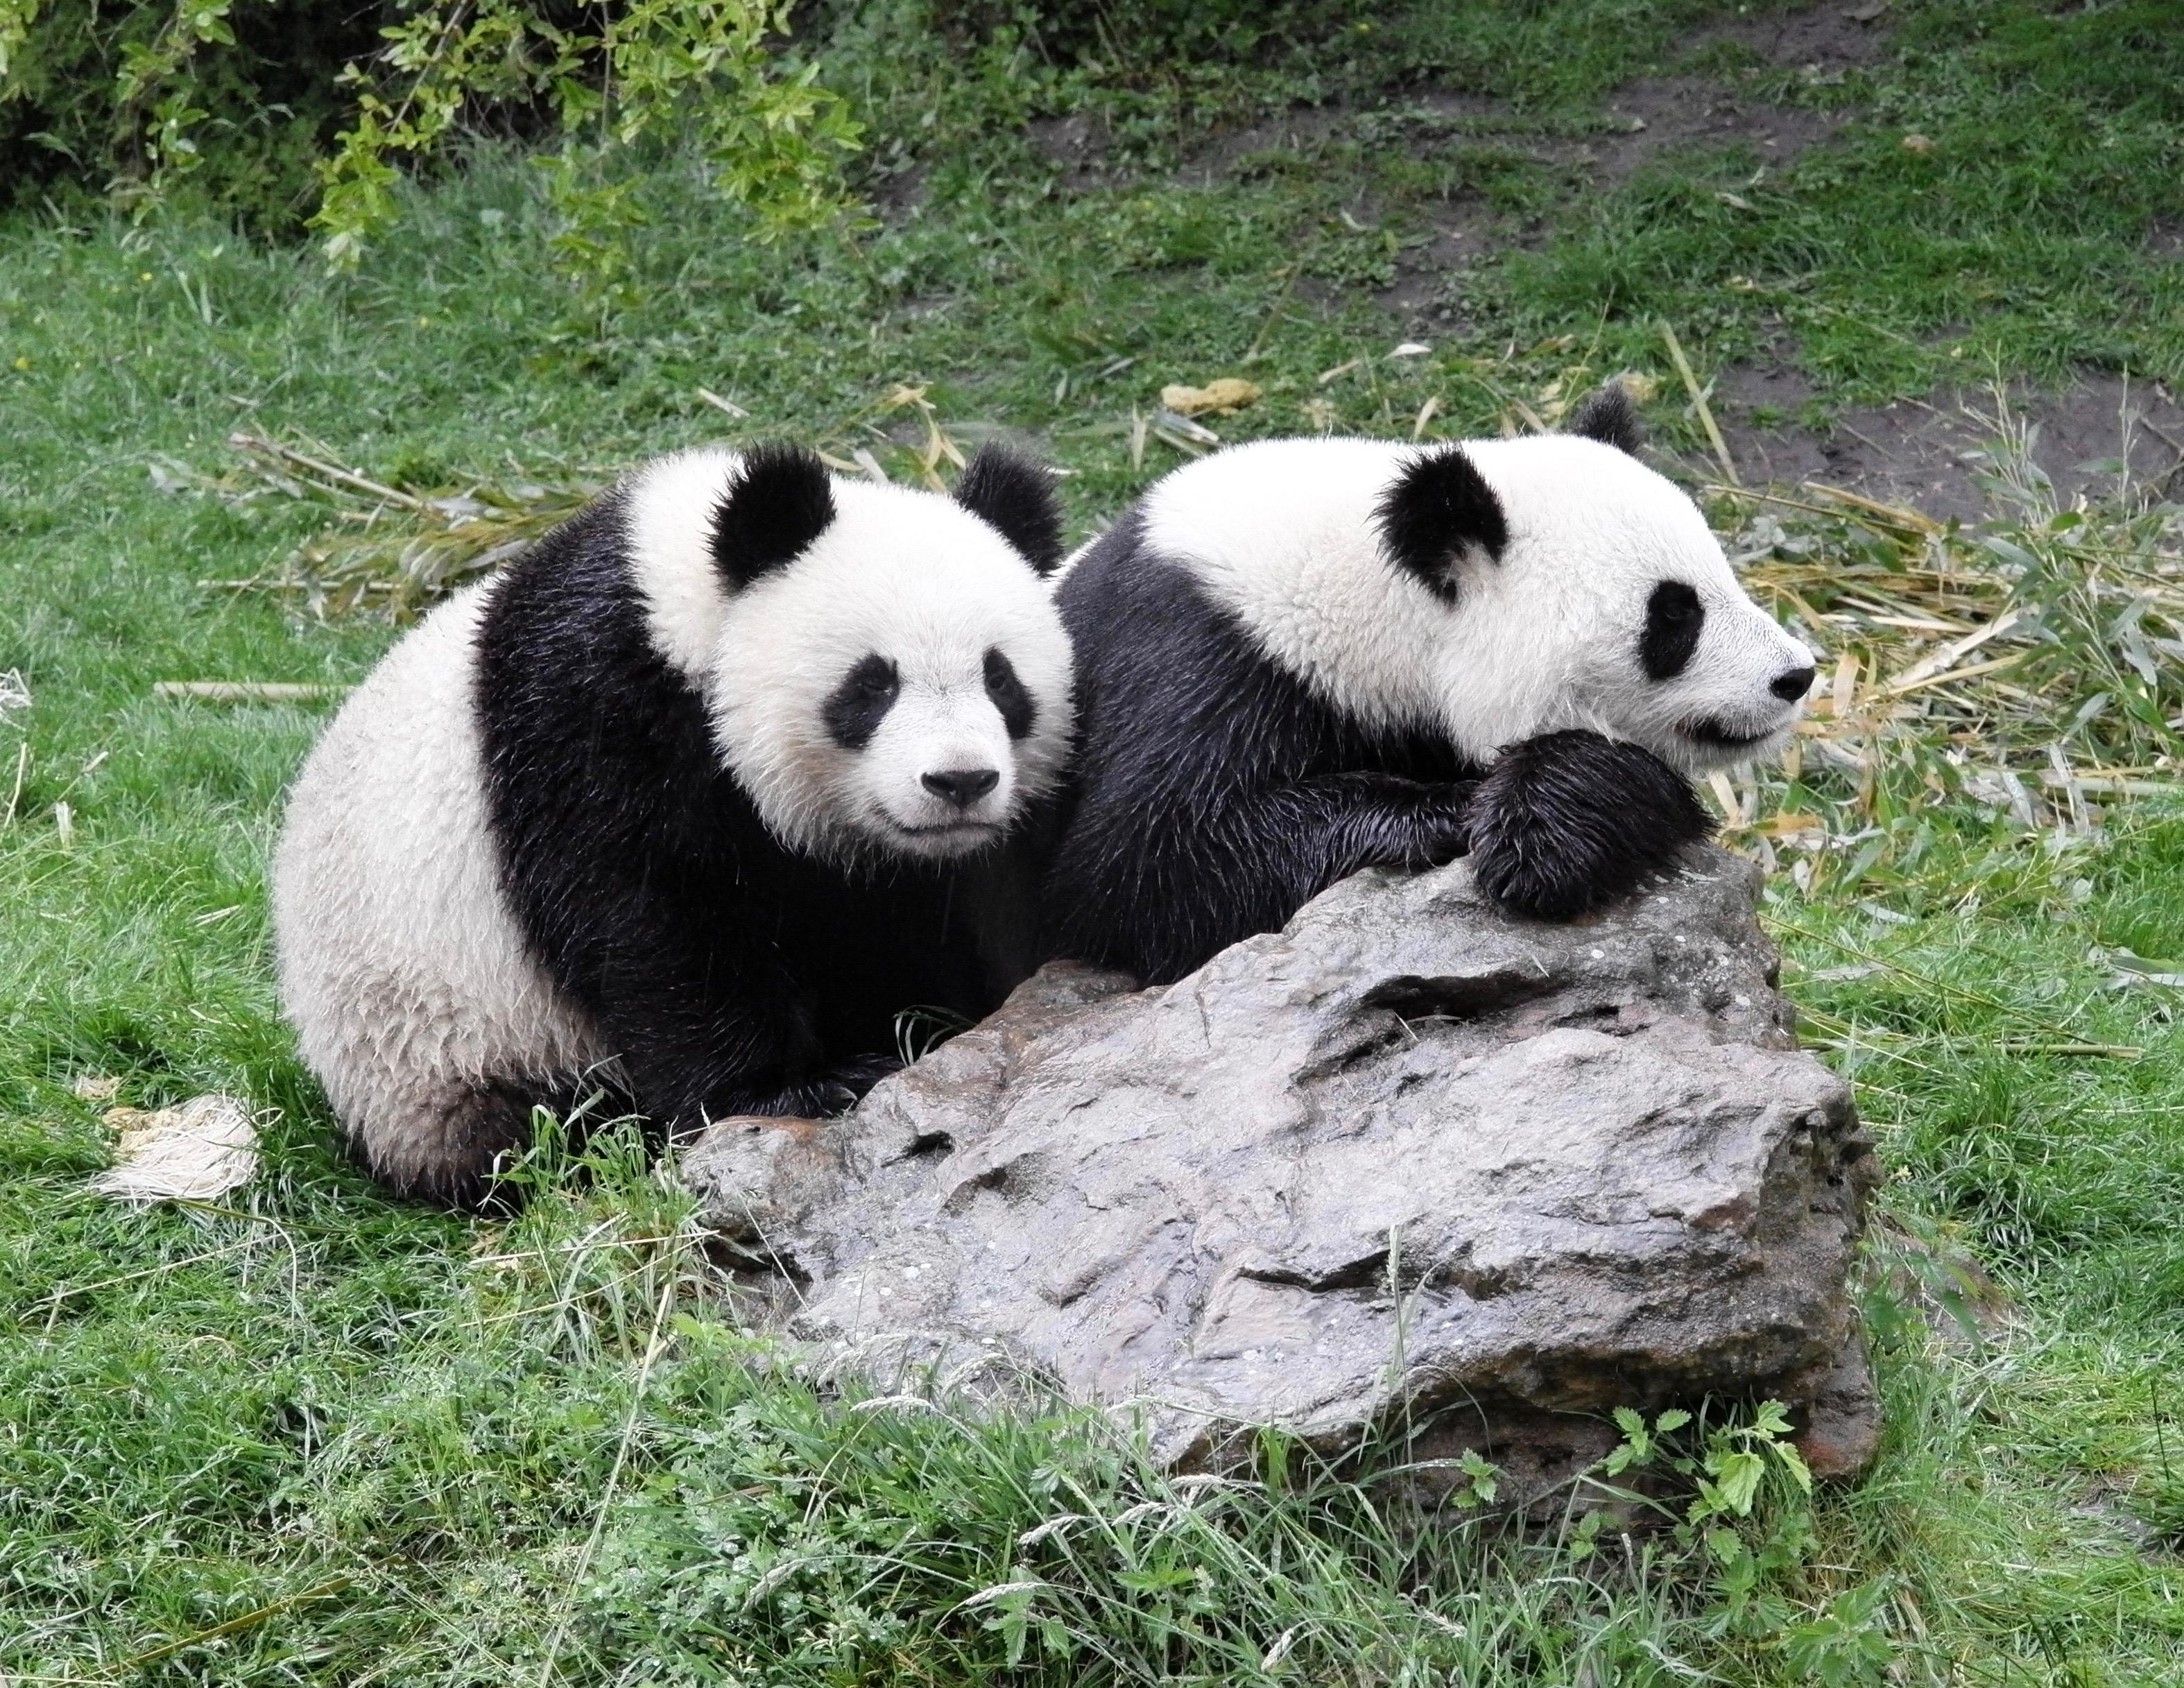 Große Pandas in Beauval als Betrachter der Betrachter